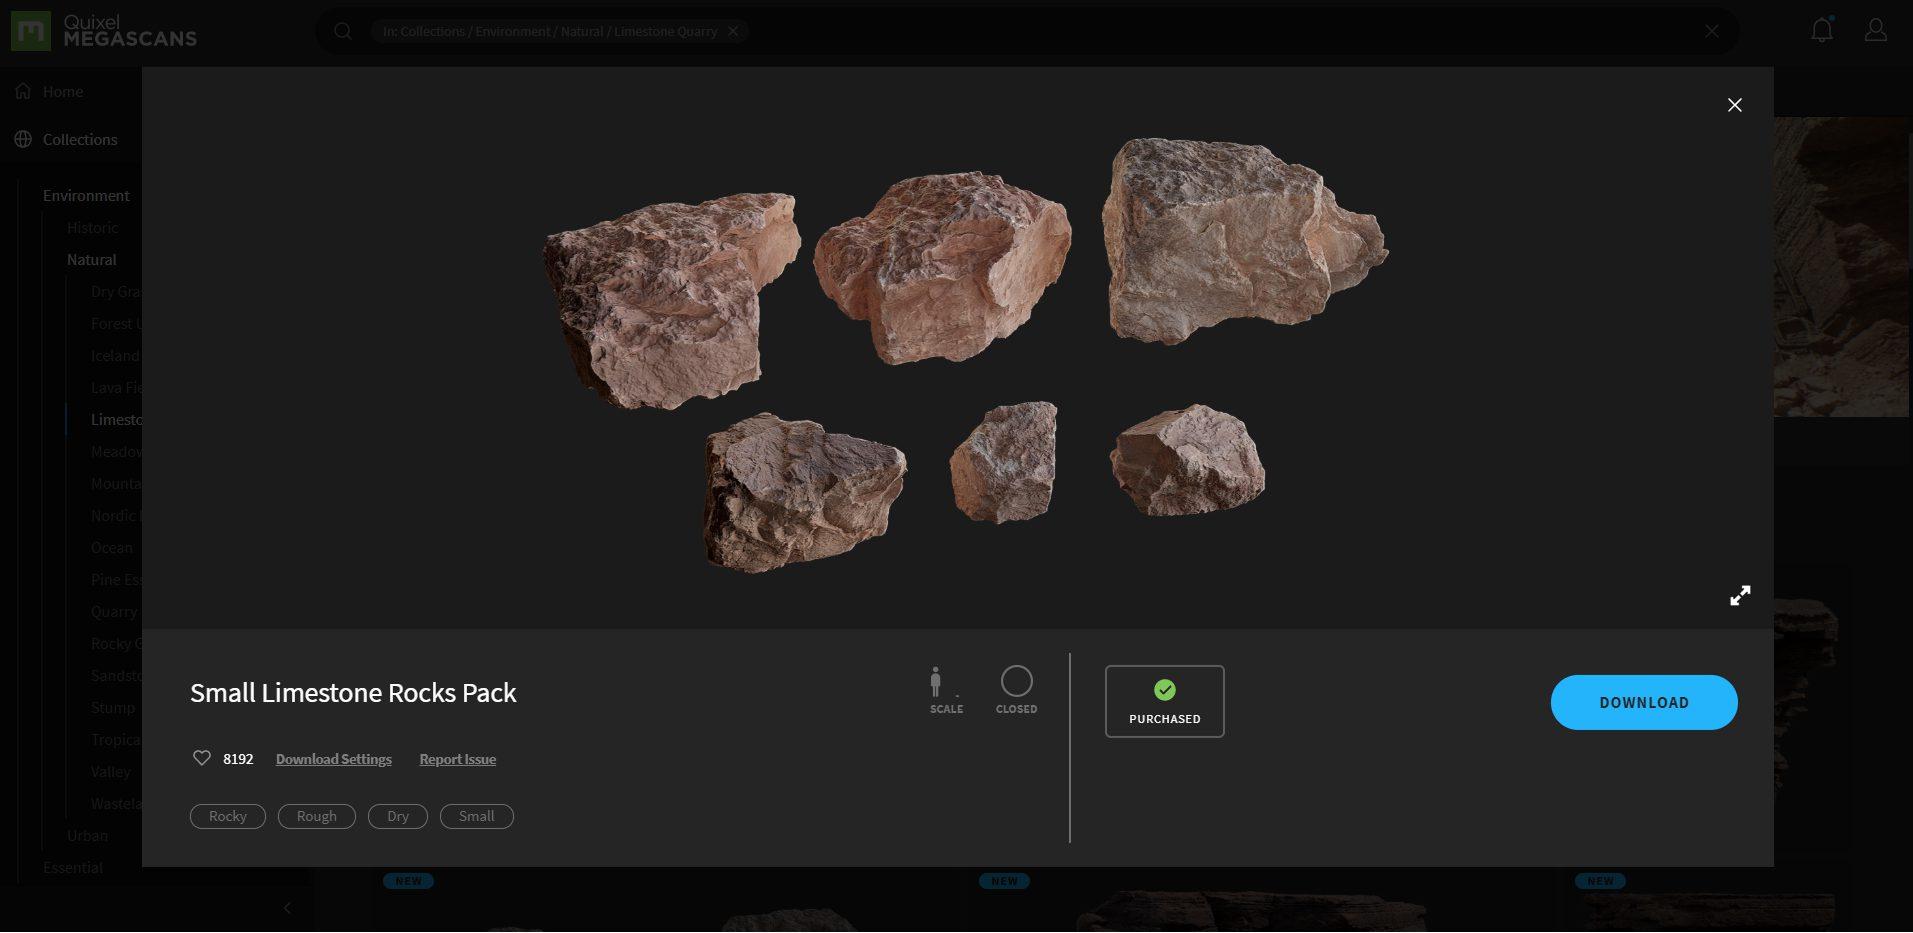 GYmR6vO - PS5デモ動画の3Dデータをダウンロードしたら、石ころだけで258MBあってワロタ